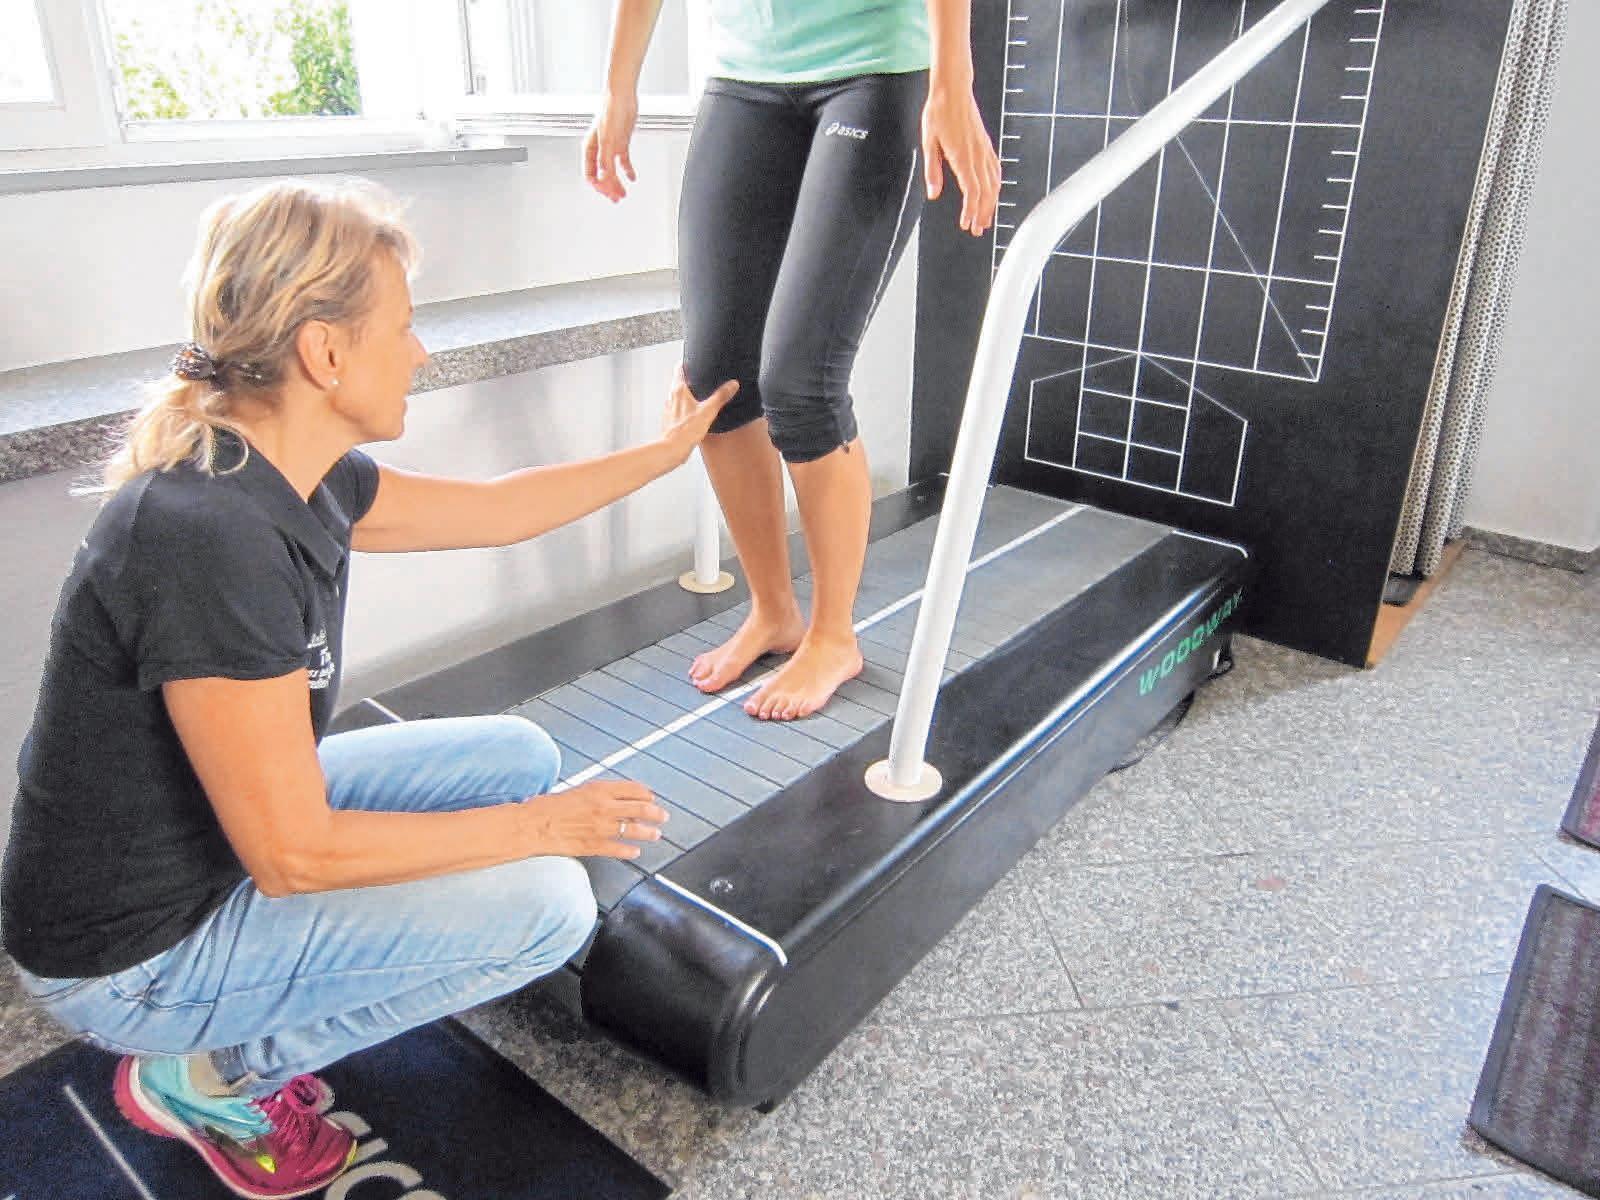 Bei Medi-Sport wird auch eine professionell durchgeführte Laufbandanalyse angeboten. FOTO: SZ-ARCHIV